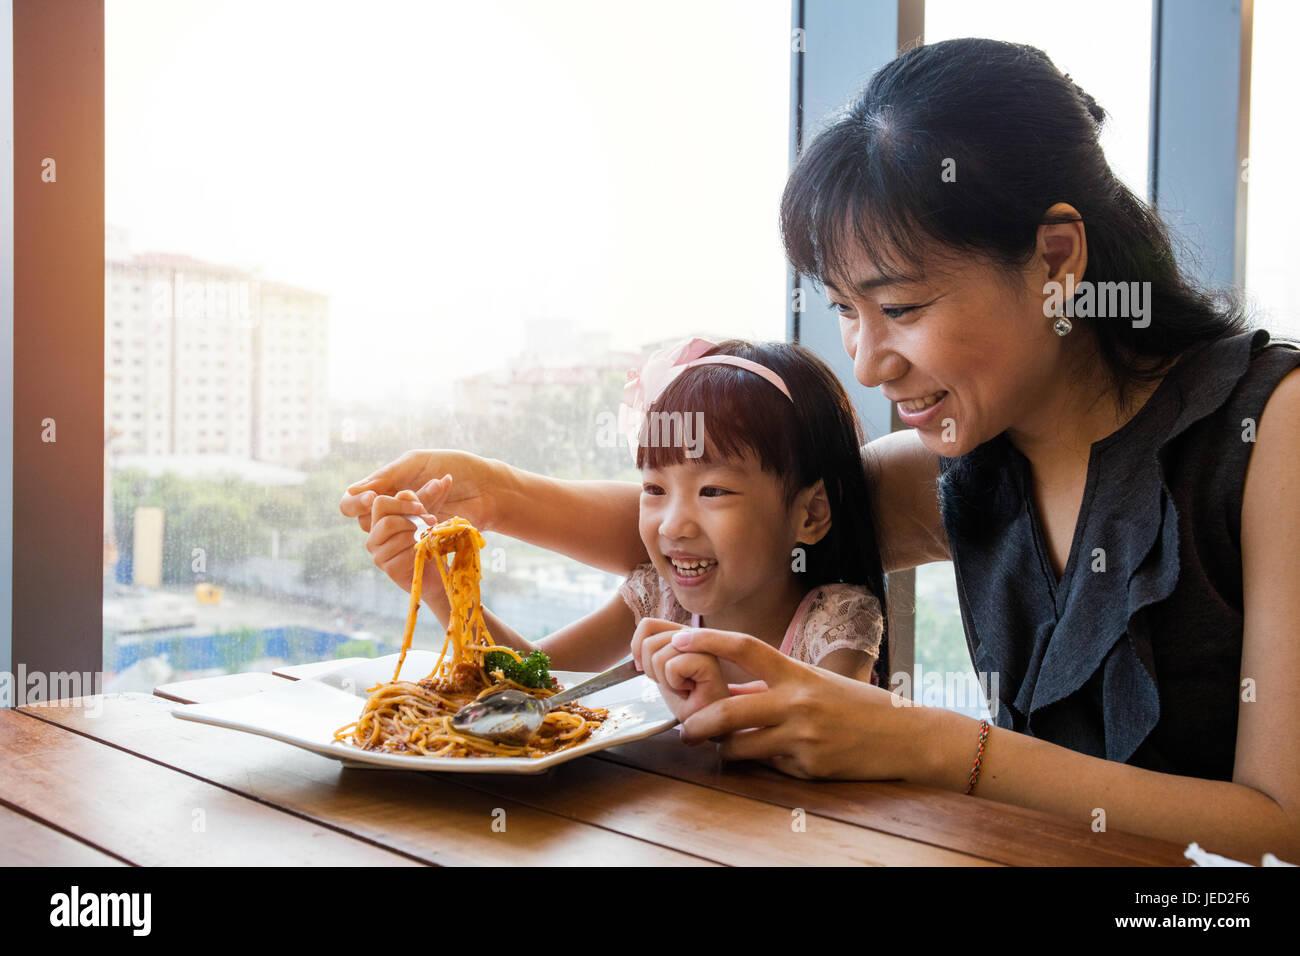 Asian madre cinese e la figlia di mangiare spaghetti alla bolognese nel ristorante. Immagini Stock